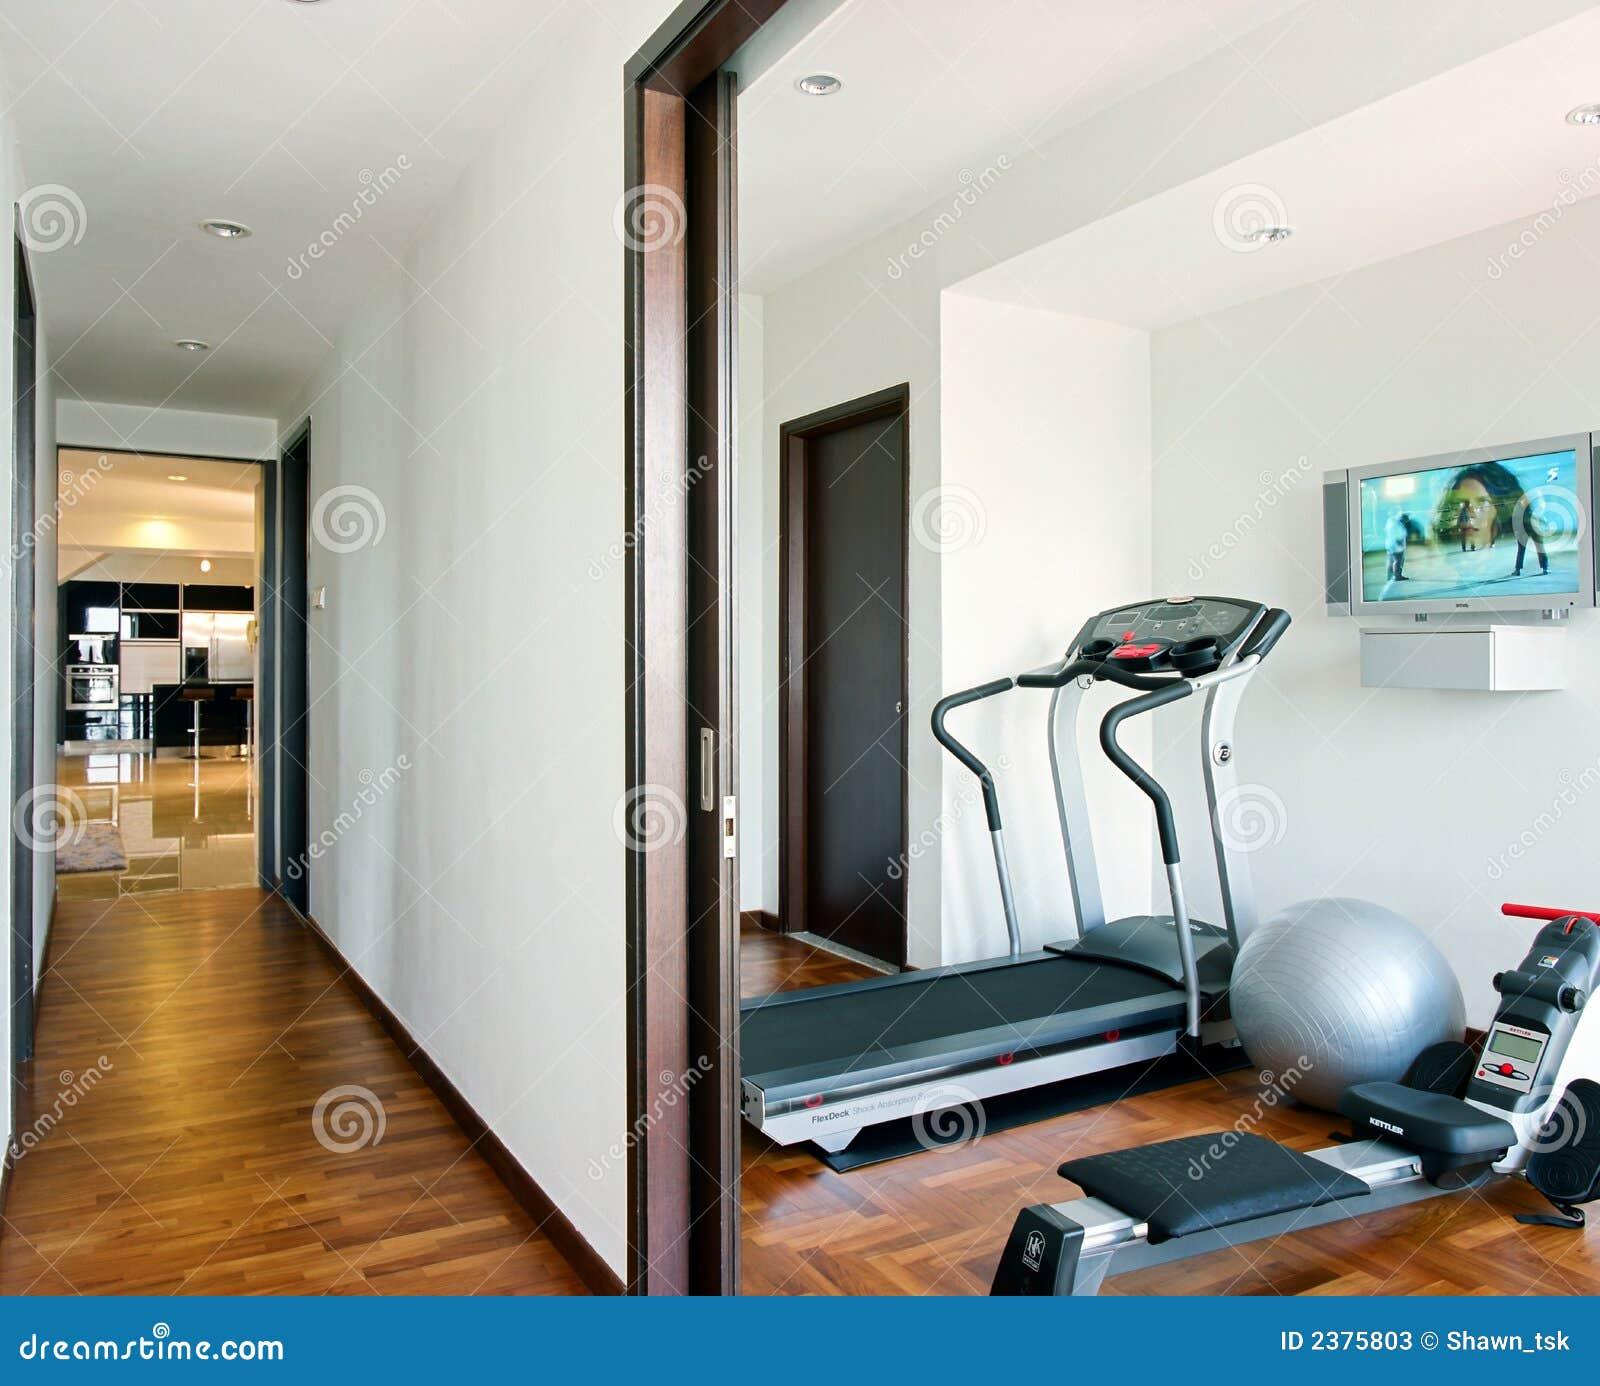 Interior Design - Gym Stock Photos - Image: 2375803